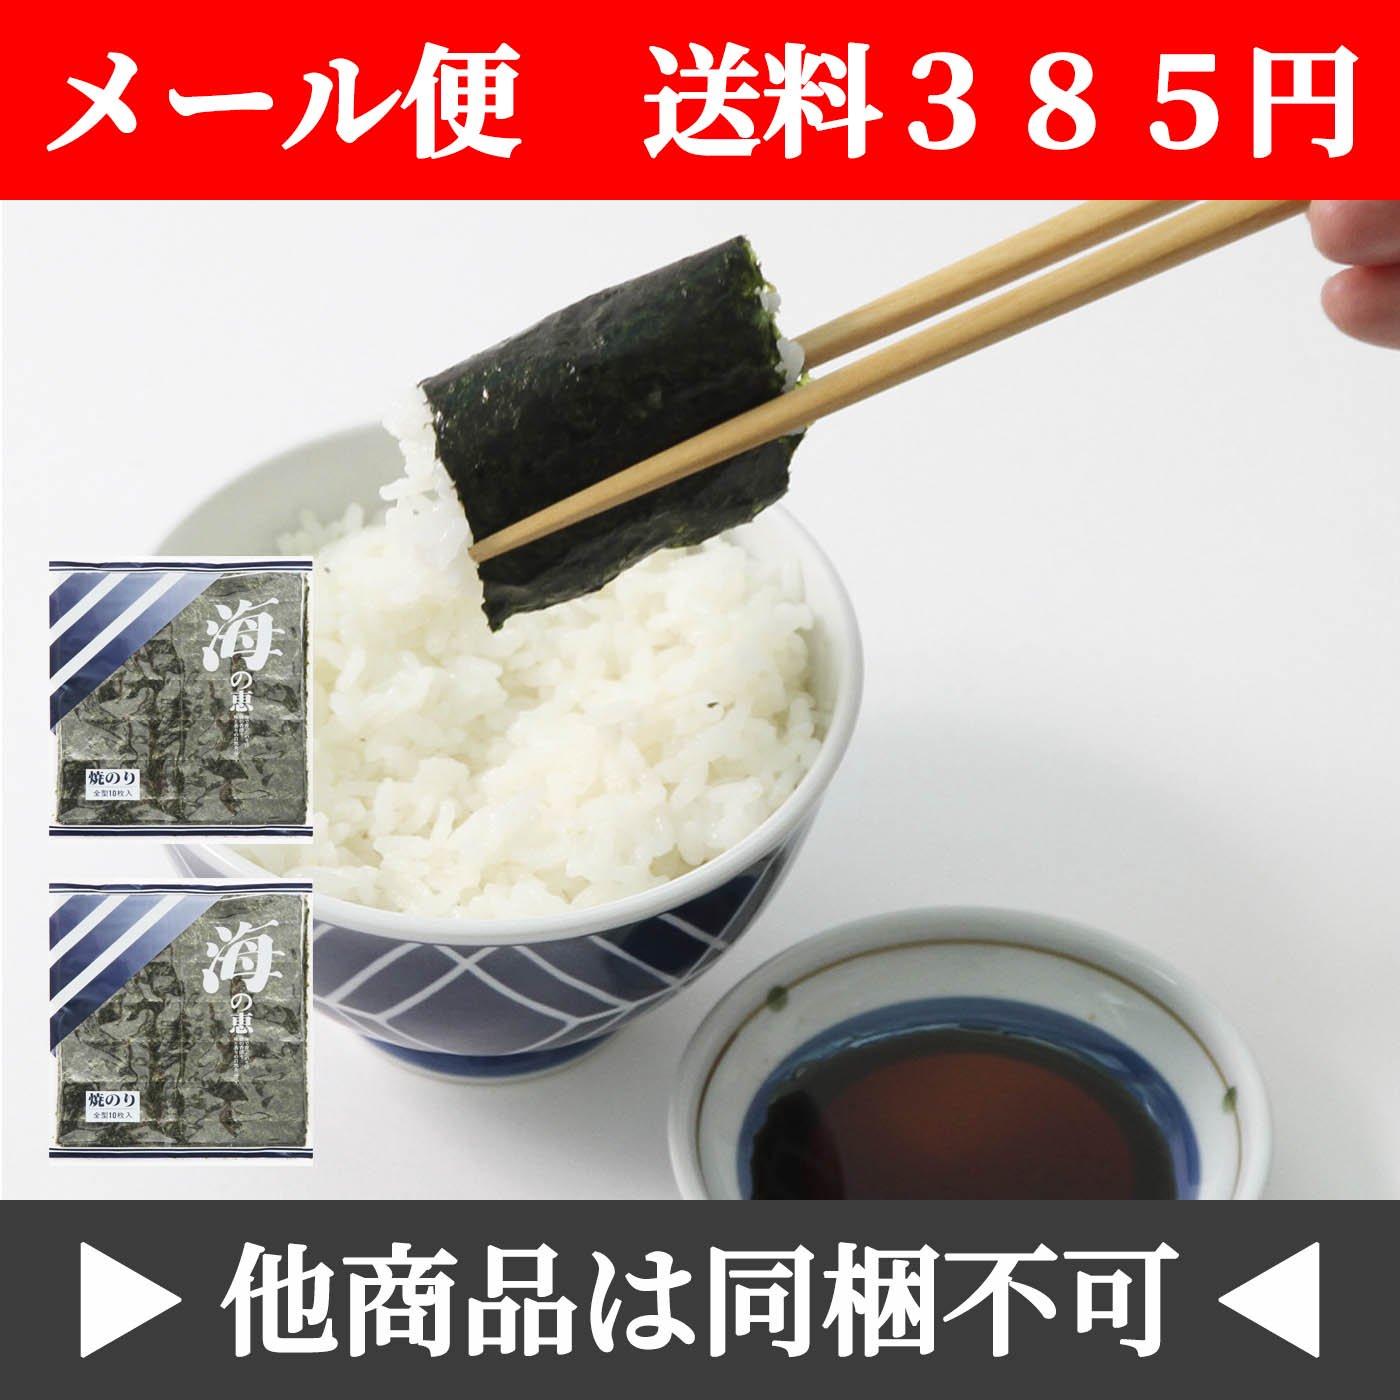 【メール便】【新物】焼海苔(上)2帖セット